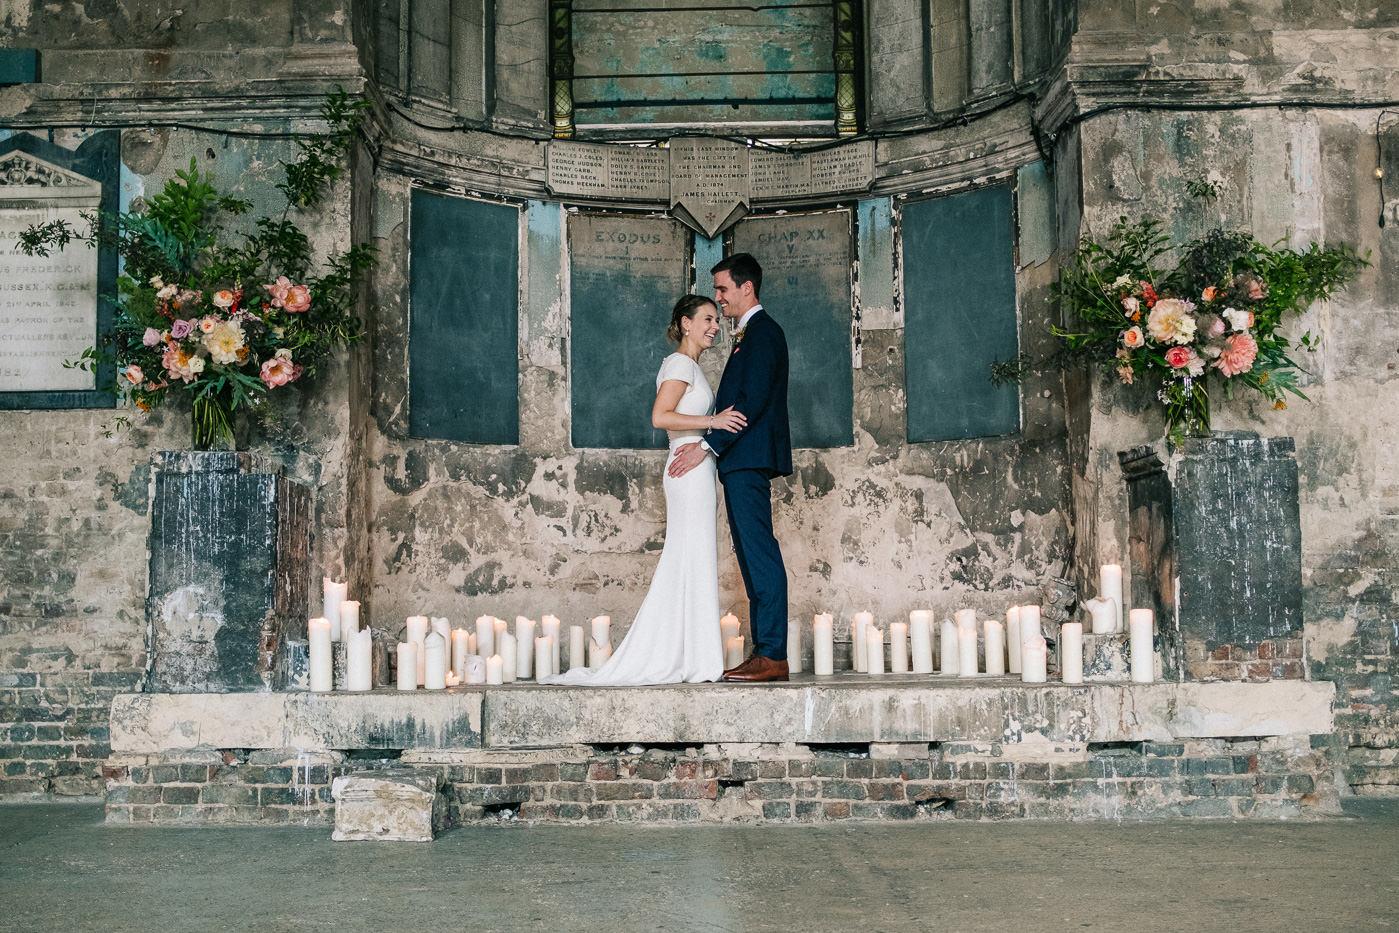 Asylum chapel wedding photography alternative wedding photos